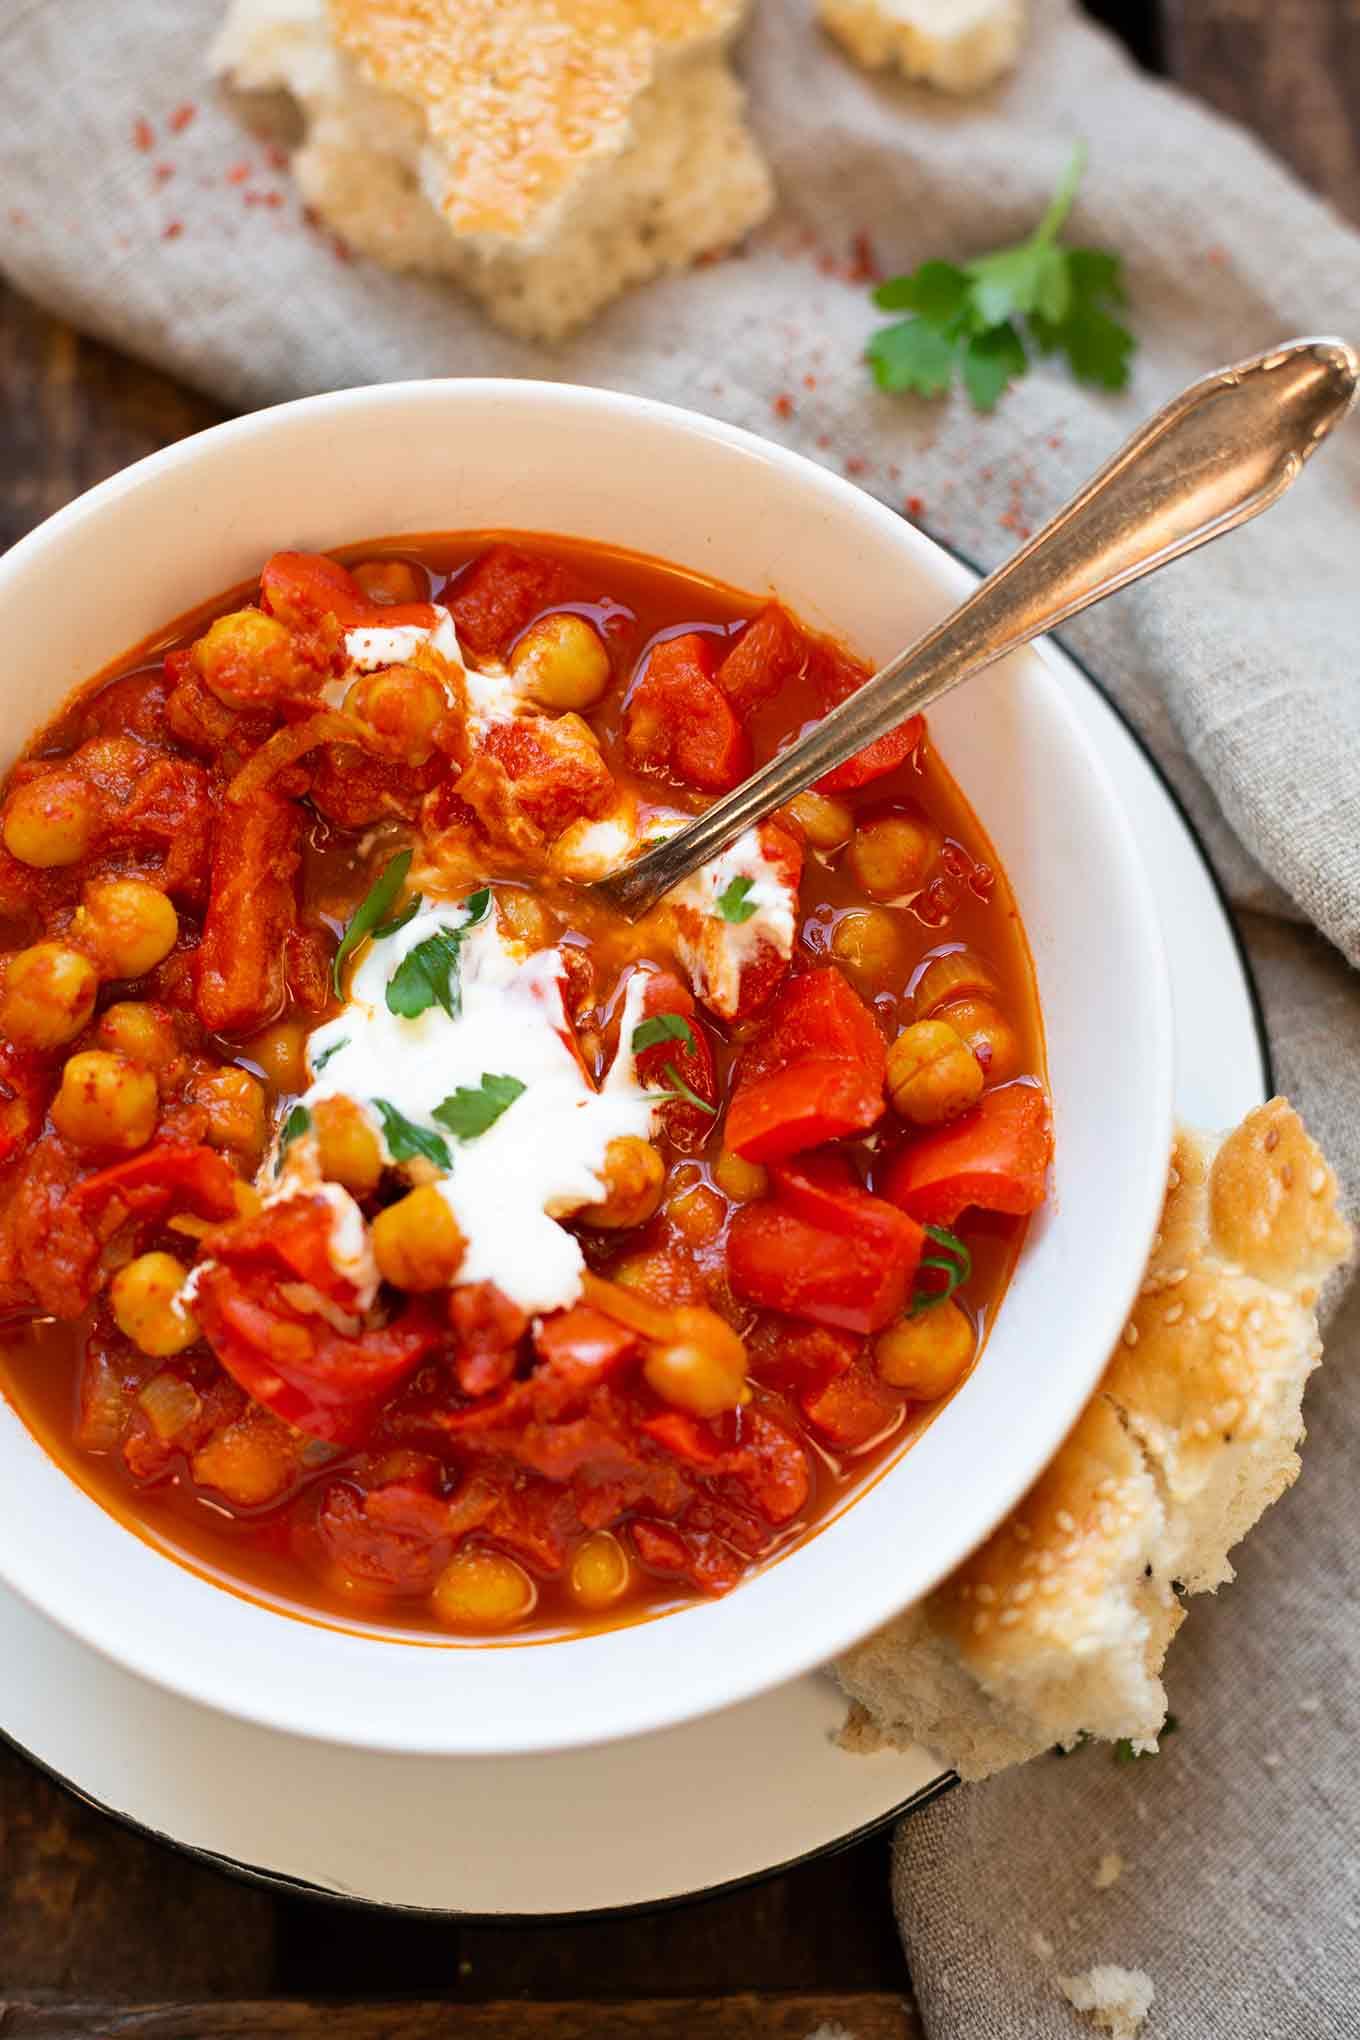 Indisches Kichererbsen-Curry. Dieses schnelle und einfache Feierabendrezept ist gesund und SO gut - Kochkarussell.com #kichererbsen #curry #rezept #schnellundeinfach